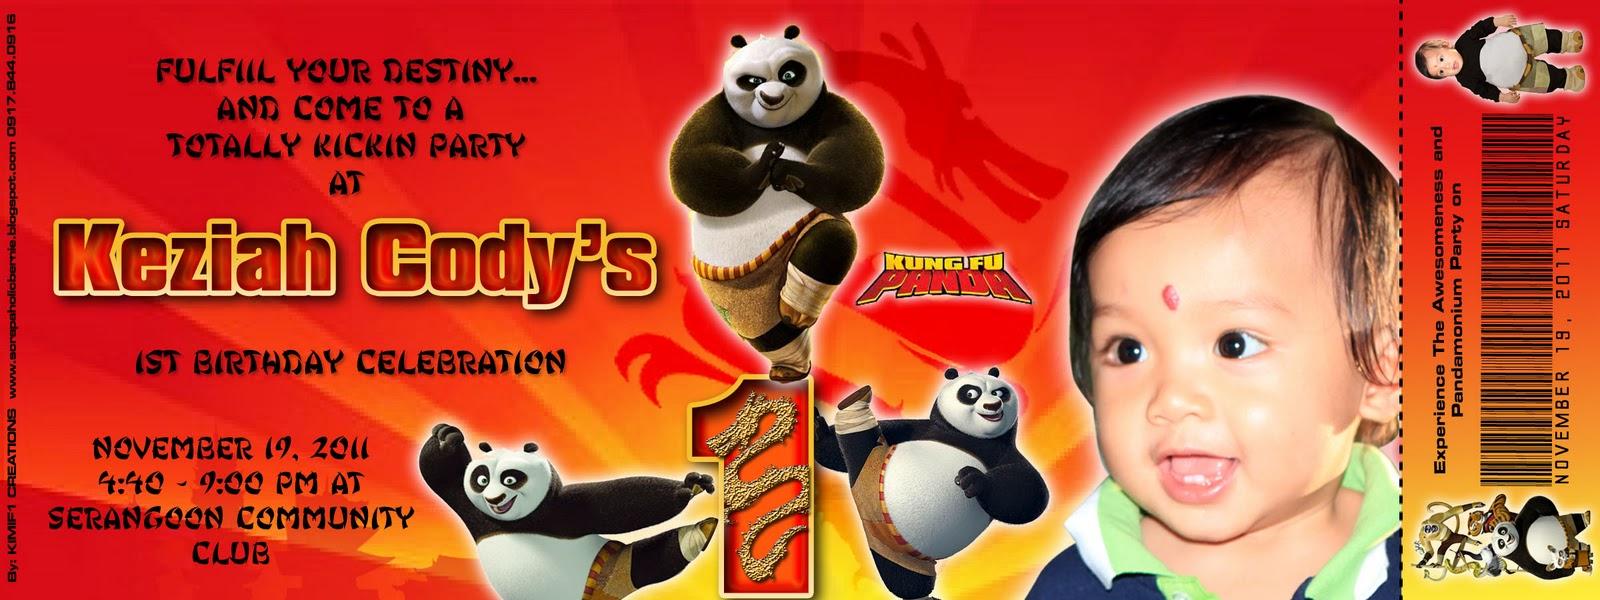 panda invites